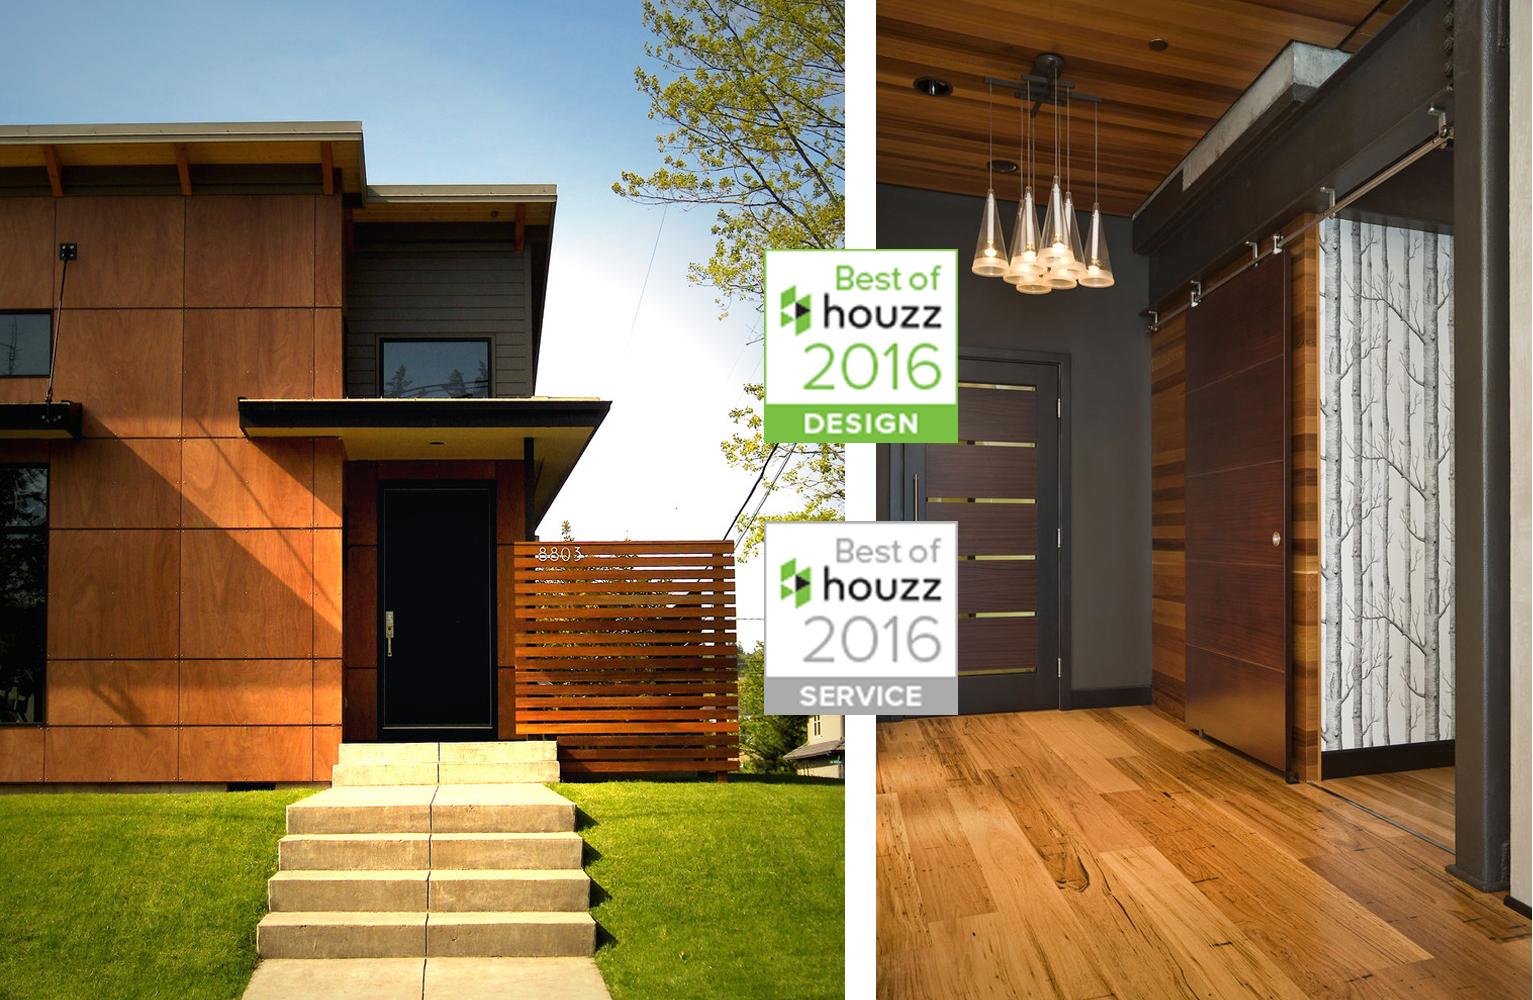 Best of Houzz: Design & Service 2016